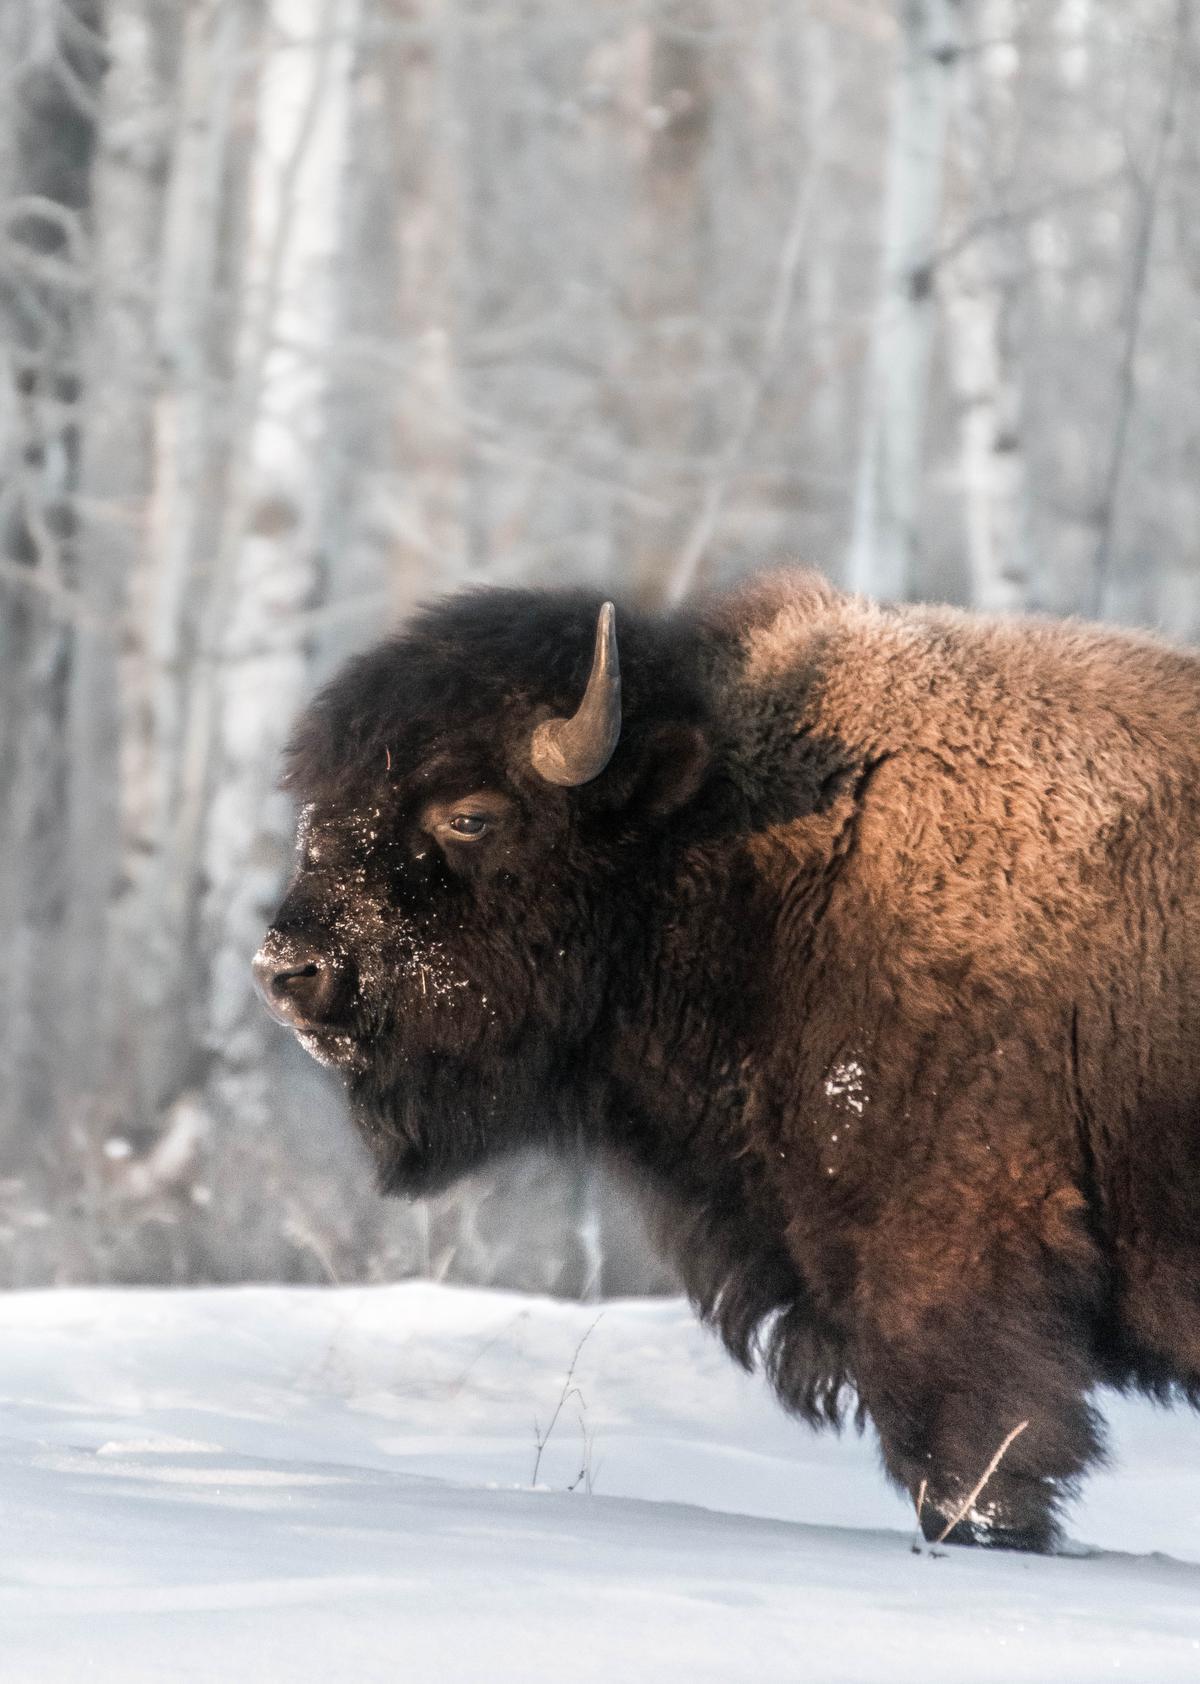 Indrukwekkend: een machtige bizon in een sneeuwwit landschap, zoals hier in Elk Island National Park, vlakbij Edmonton. (foto Sbedaux)©sbedaux